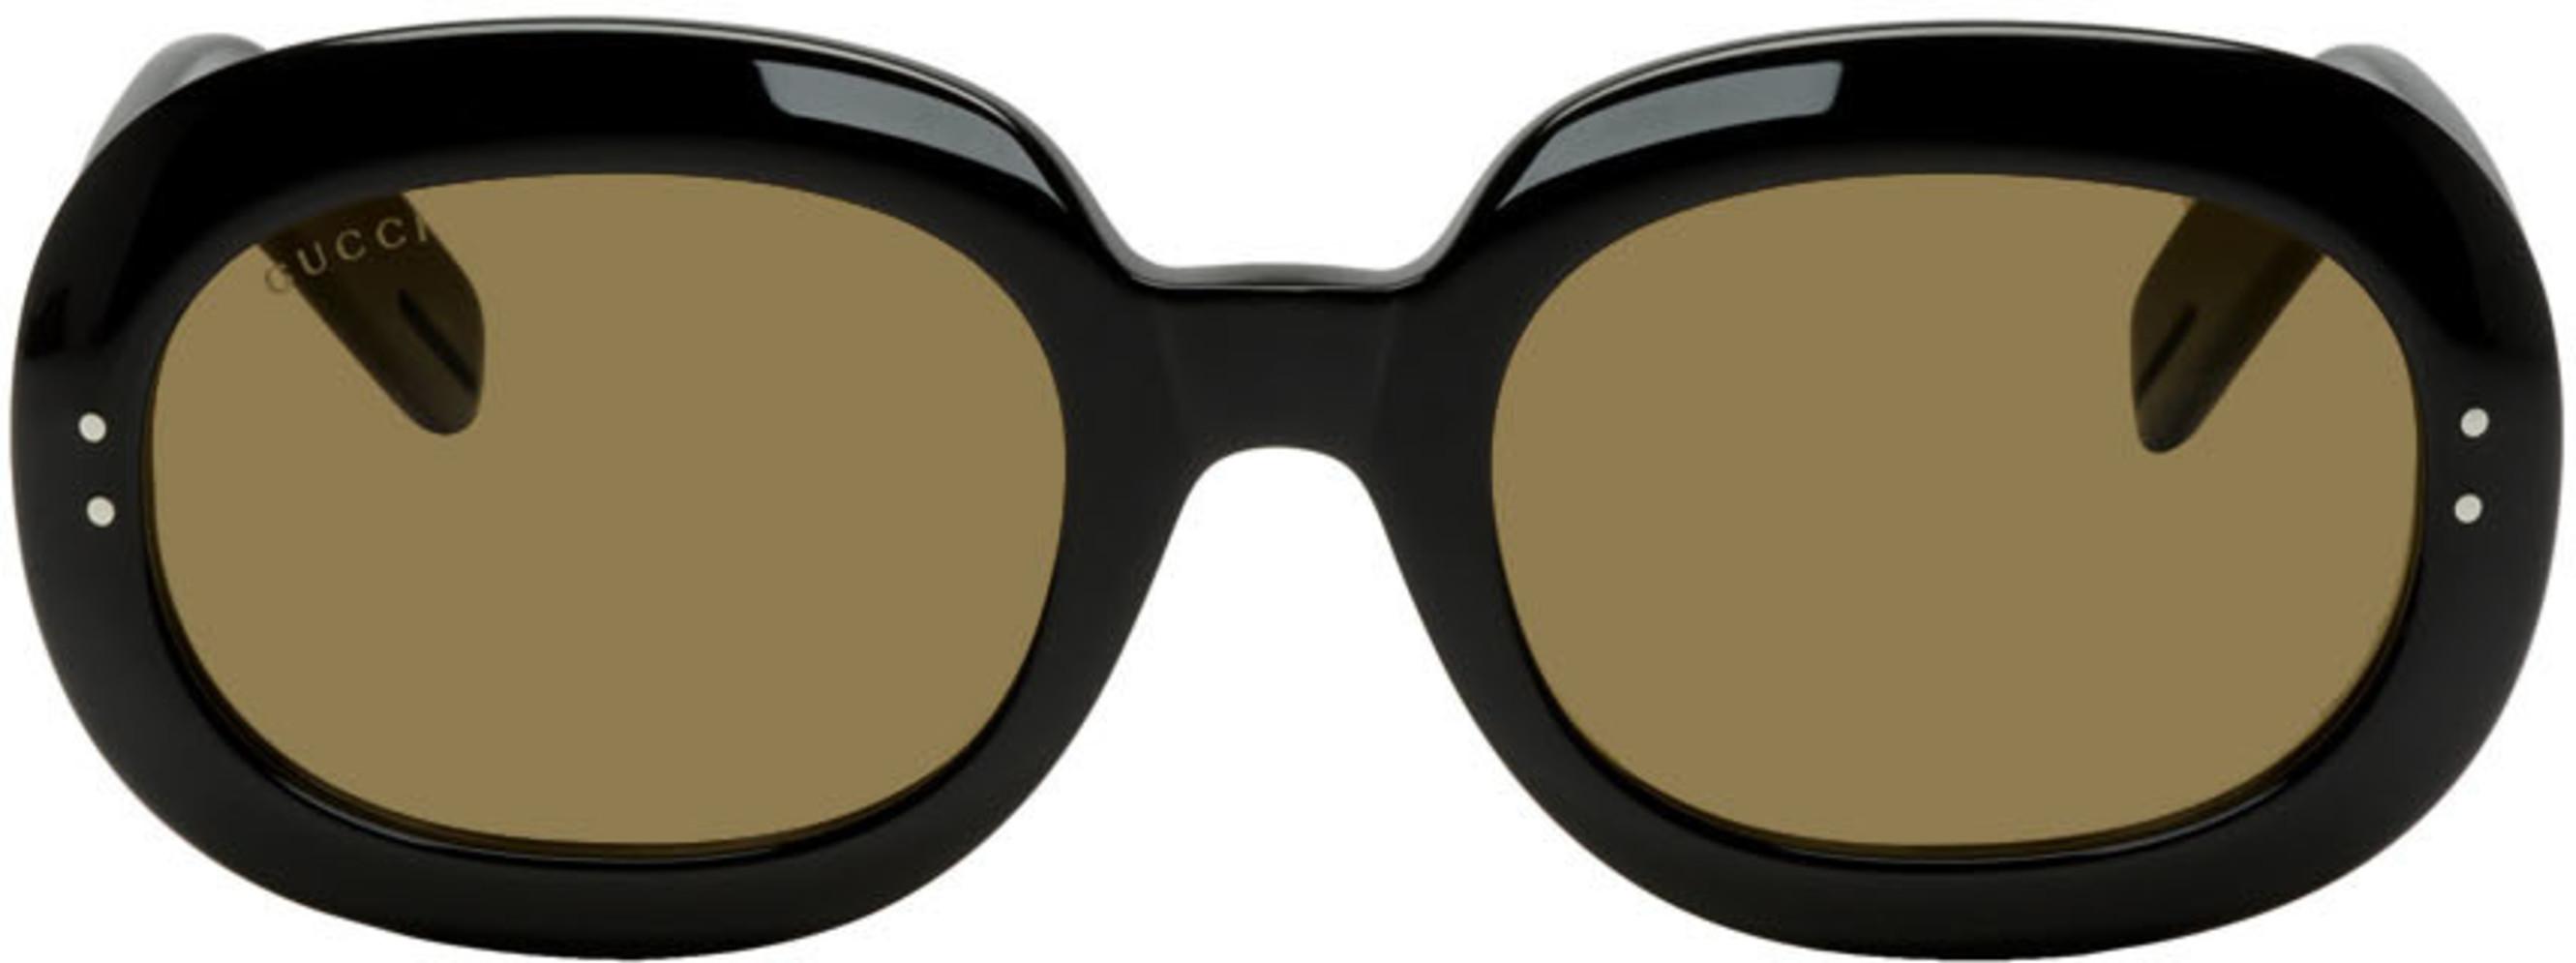 a8ff9949aed5c Gucci sunglasses for Men